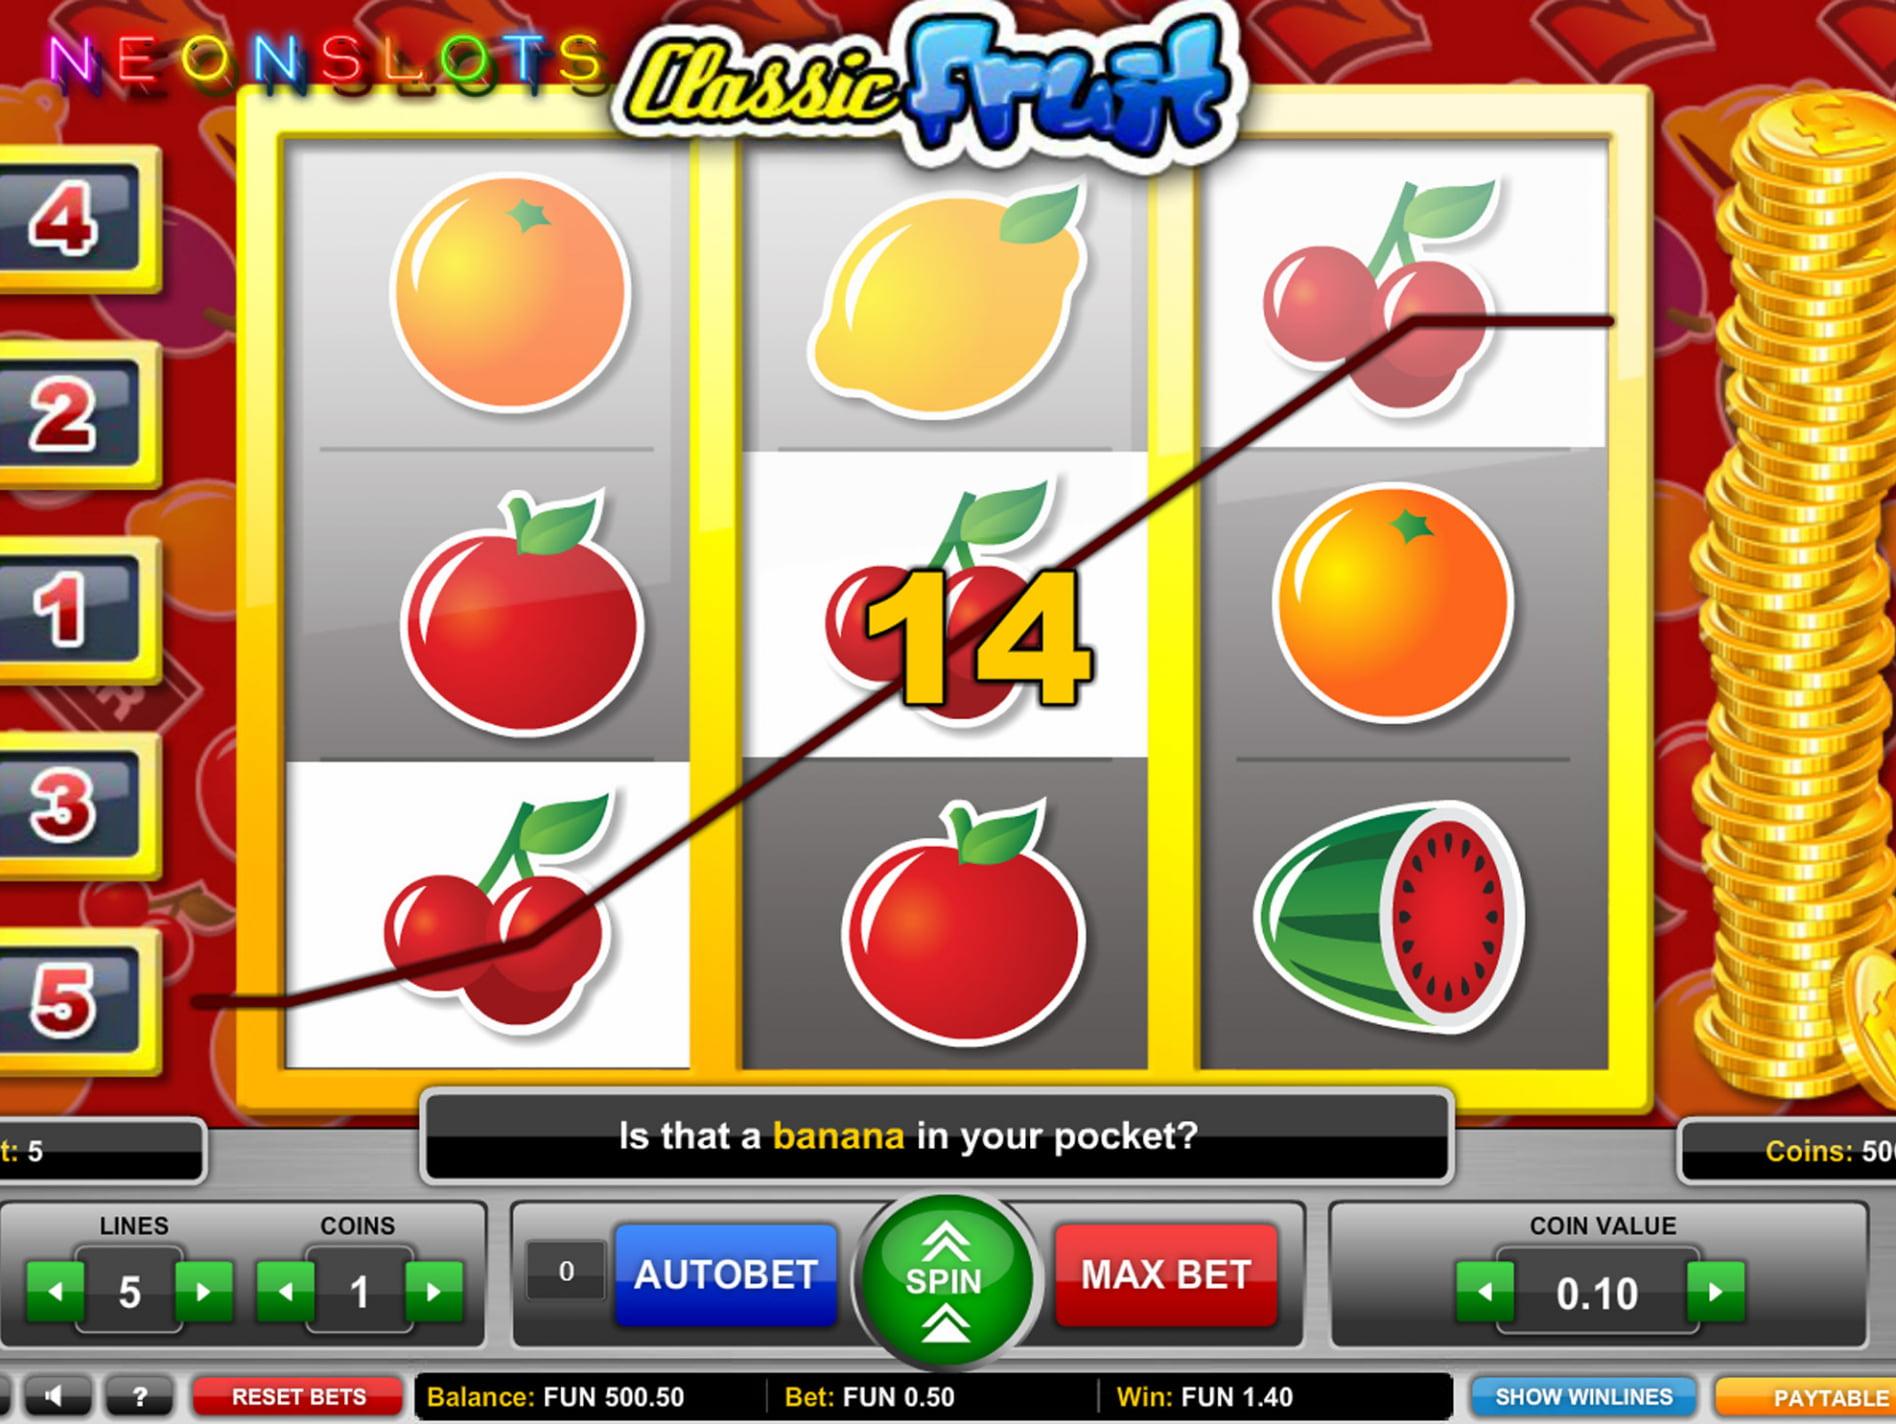 Ruleta gratis con premios casino online legales en La Plata - 66230